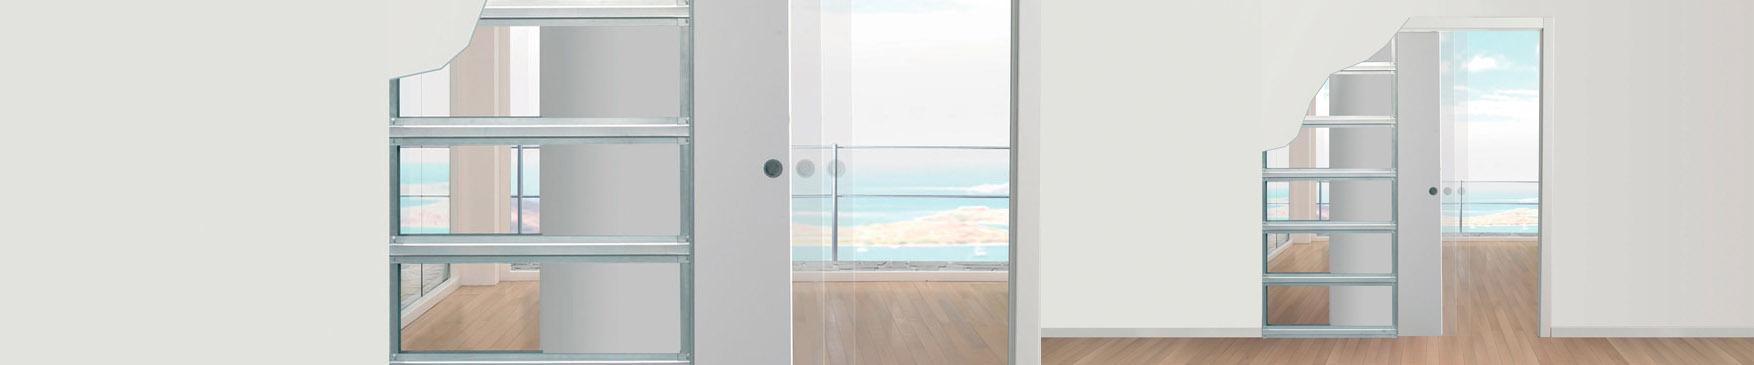 Eclisse porte per disabili tutto su ispirazione design casa - Controtelai per porte a scomparsa ...